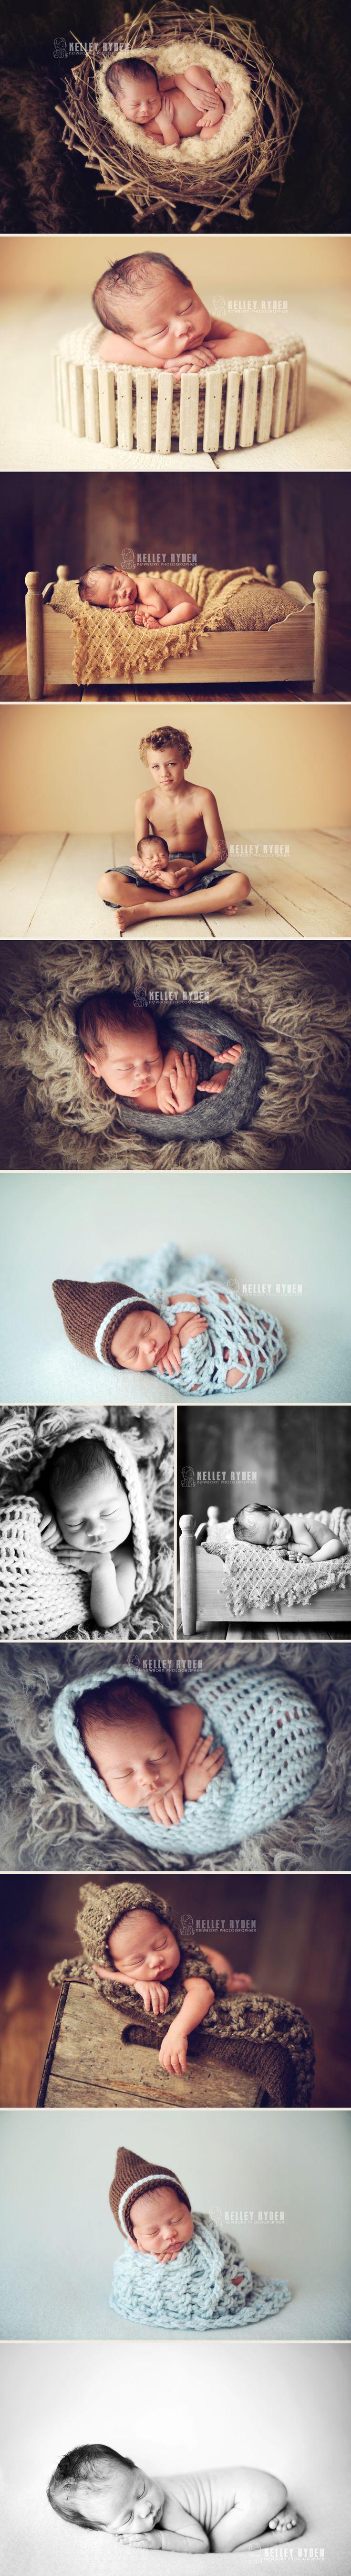 newborn boy | Kelley Ryden Photography